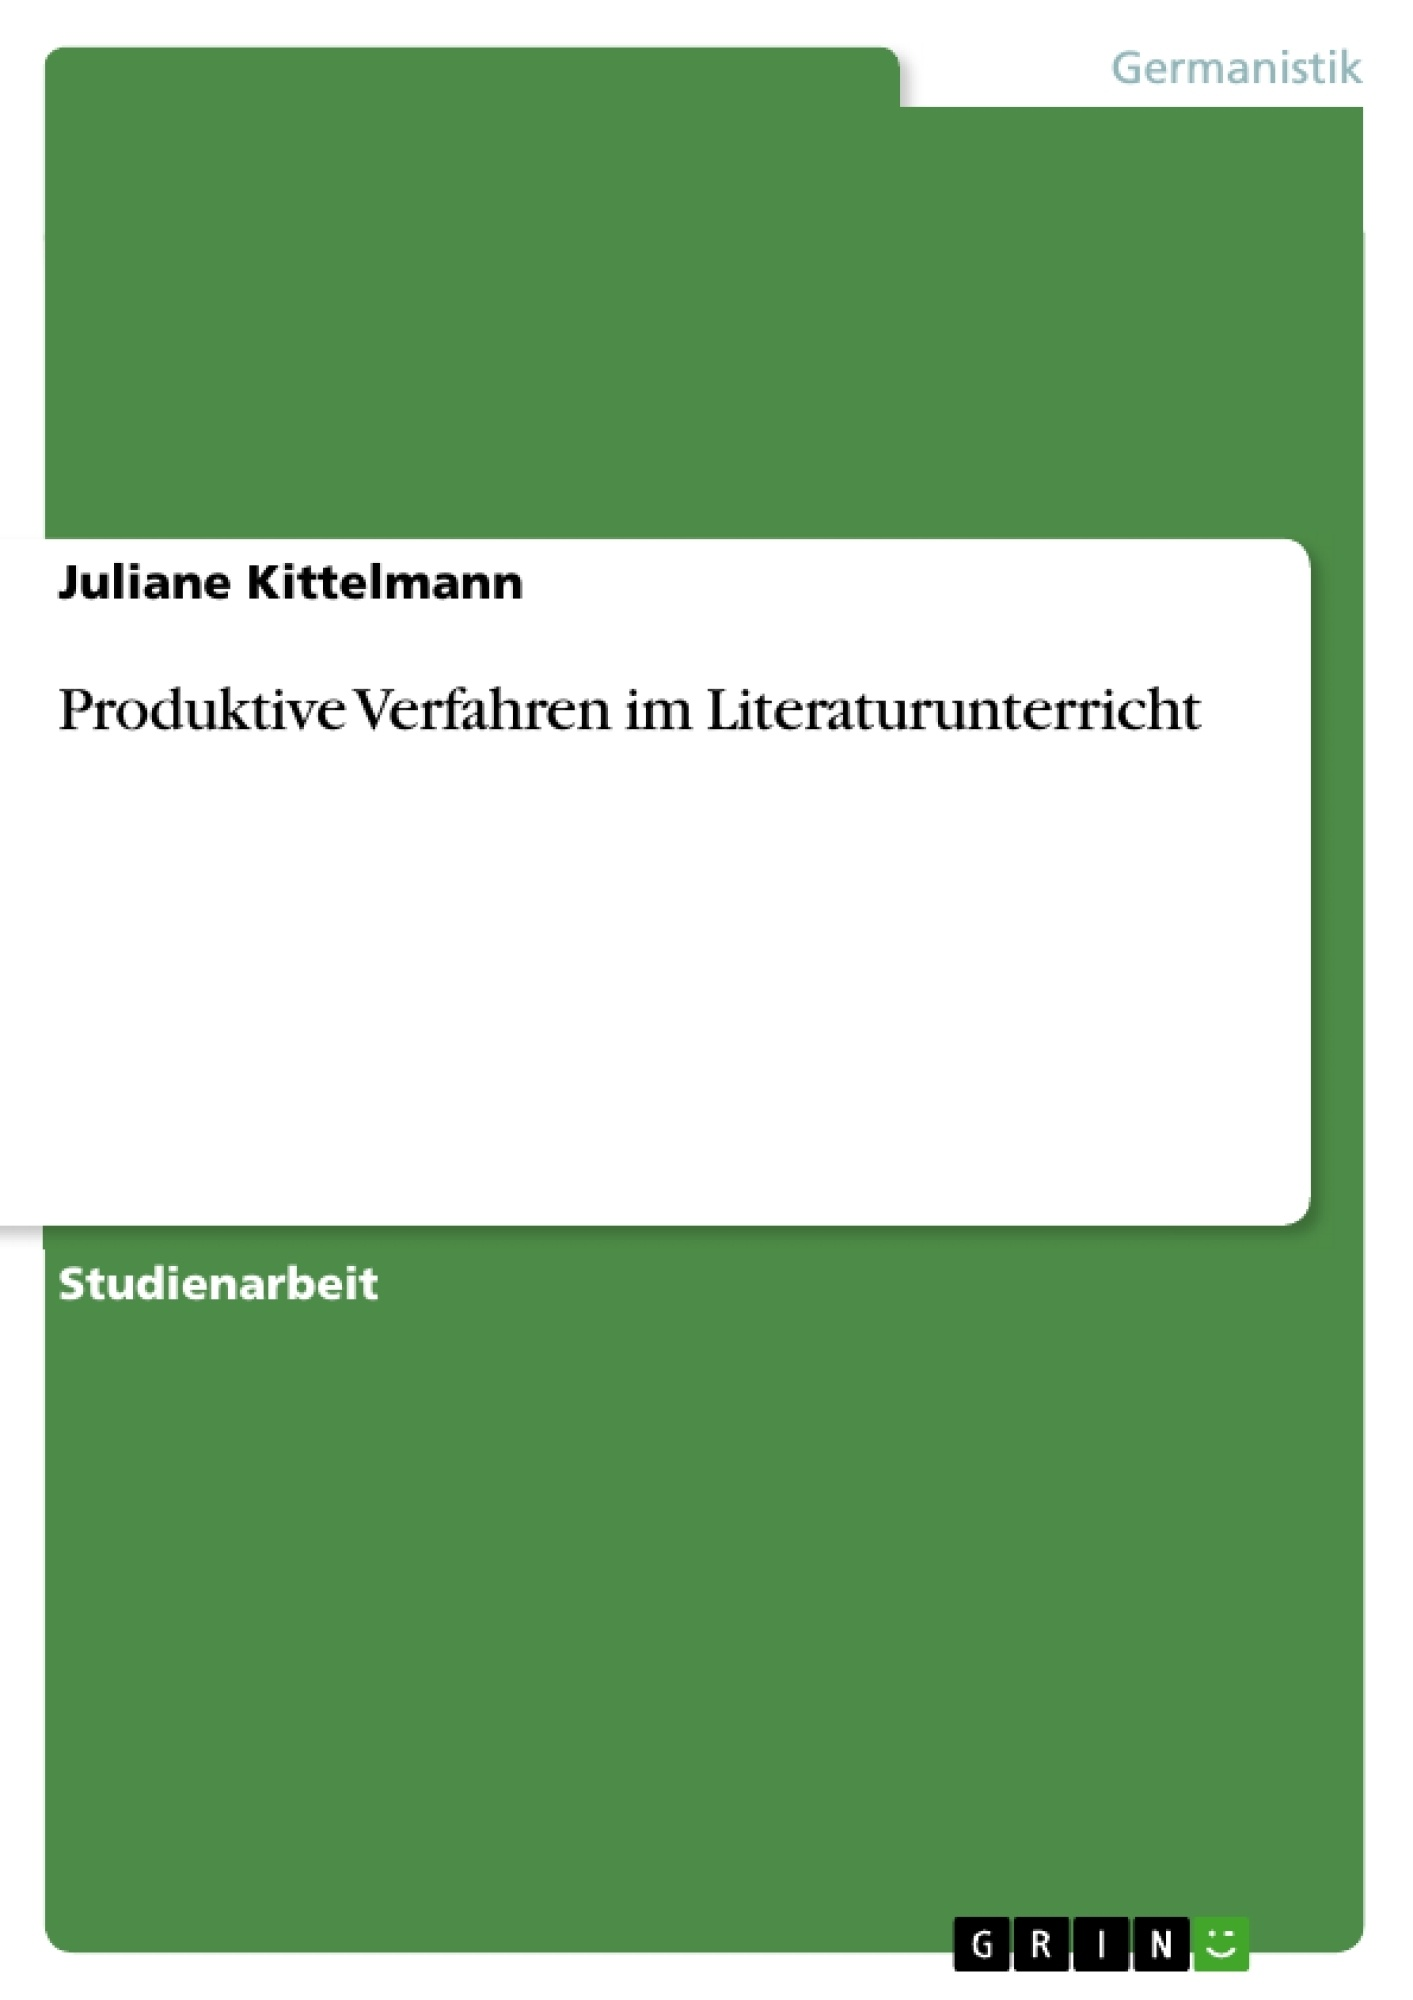 Titel: Produktive Verfahren im Literaturunterricht